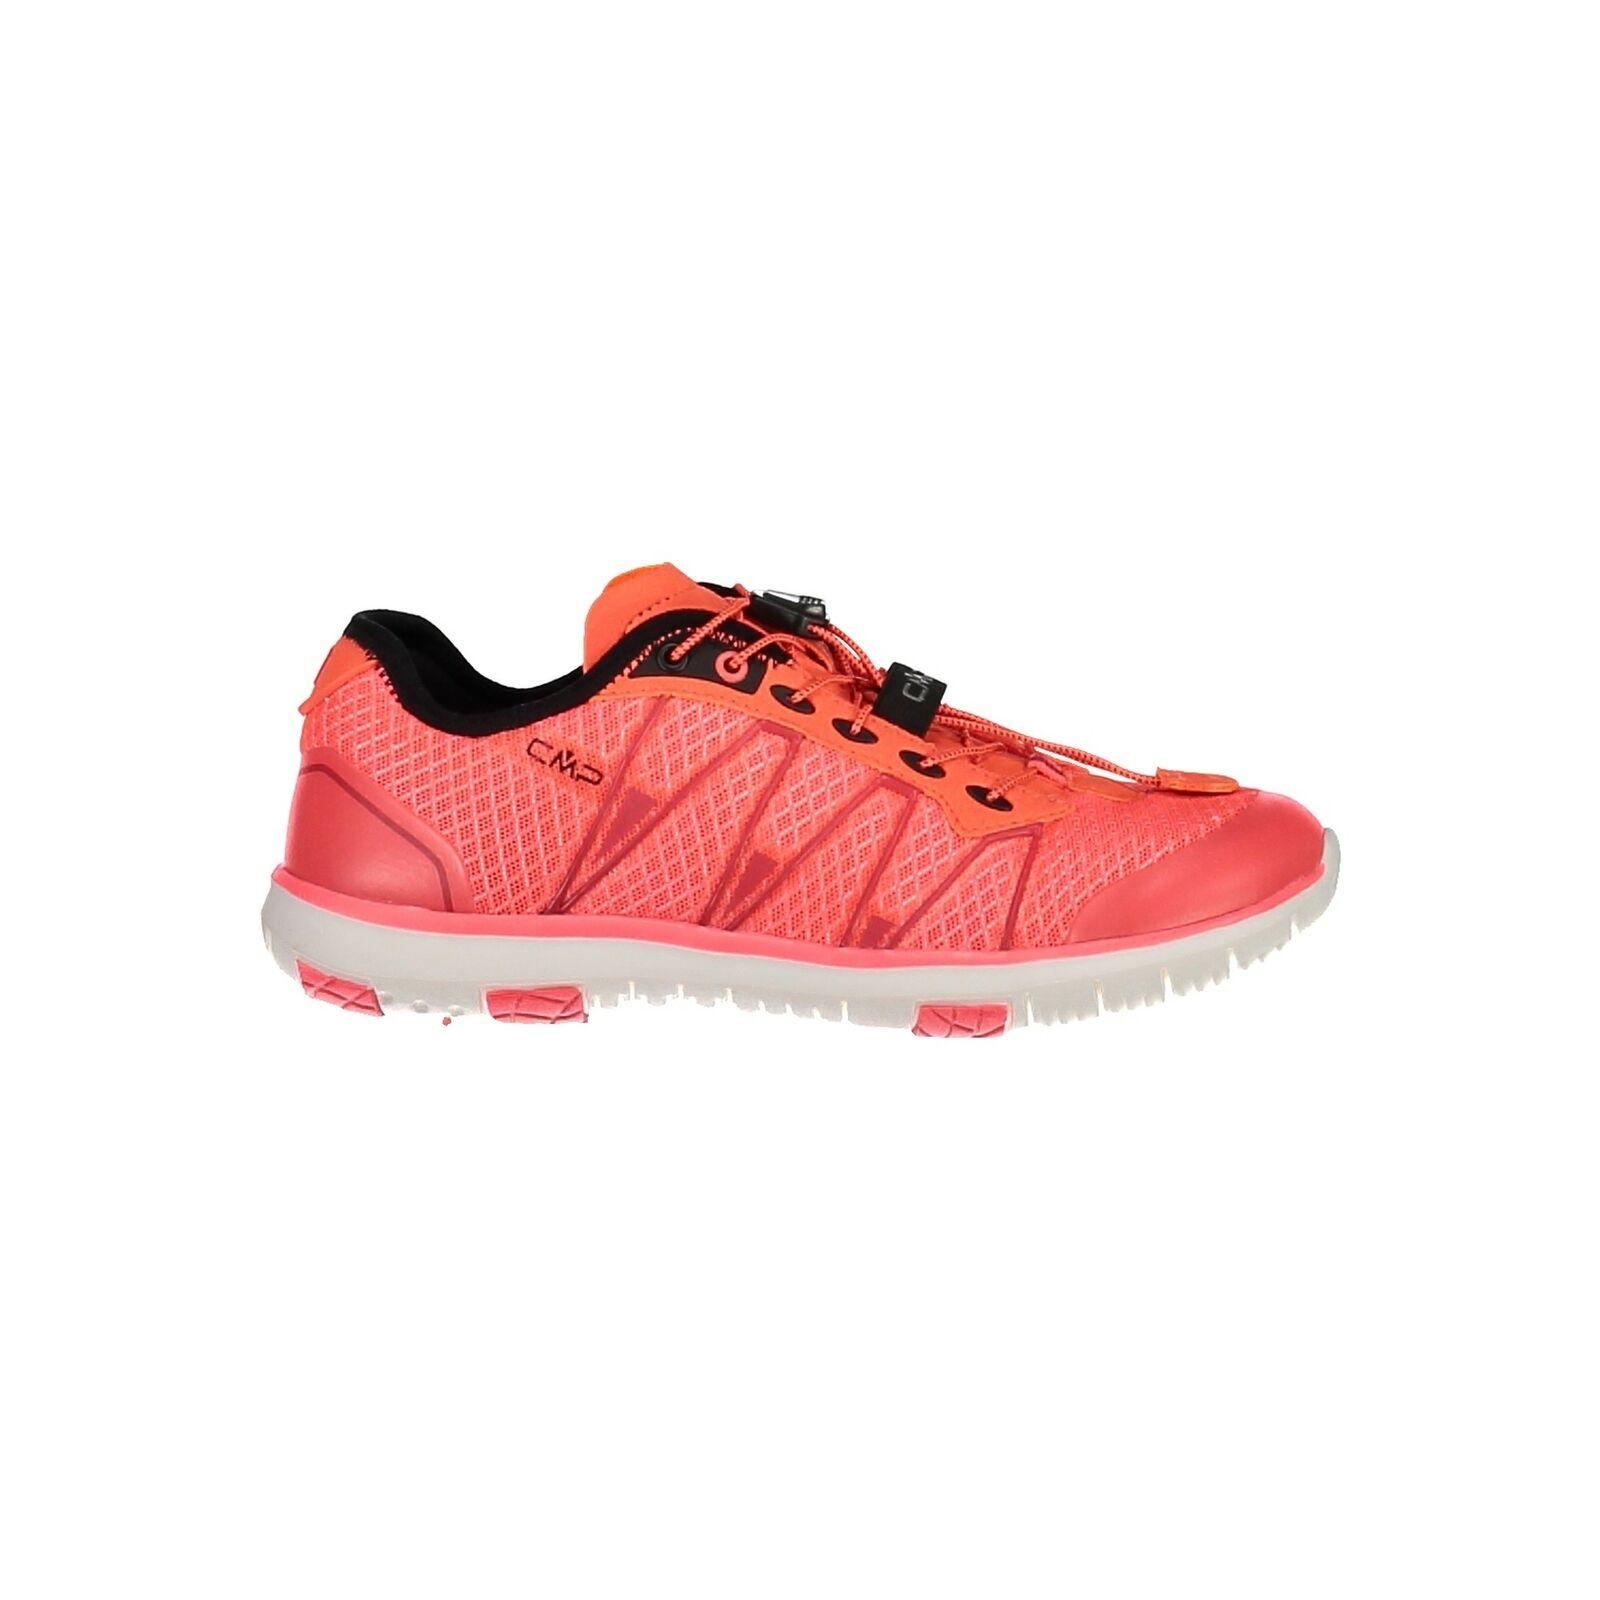 CMP Turnschuhe Sportschuhe Atlas Light Wmn Fitness shoes red atmungsaktiv leicht